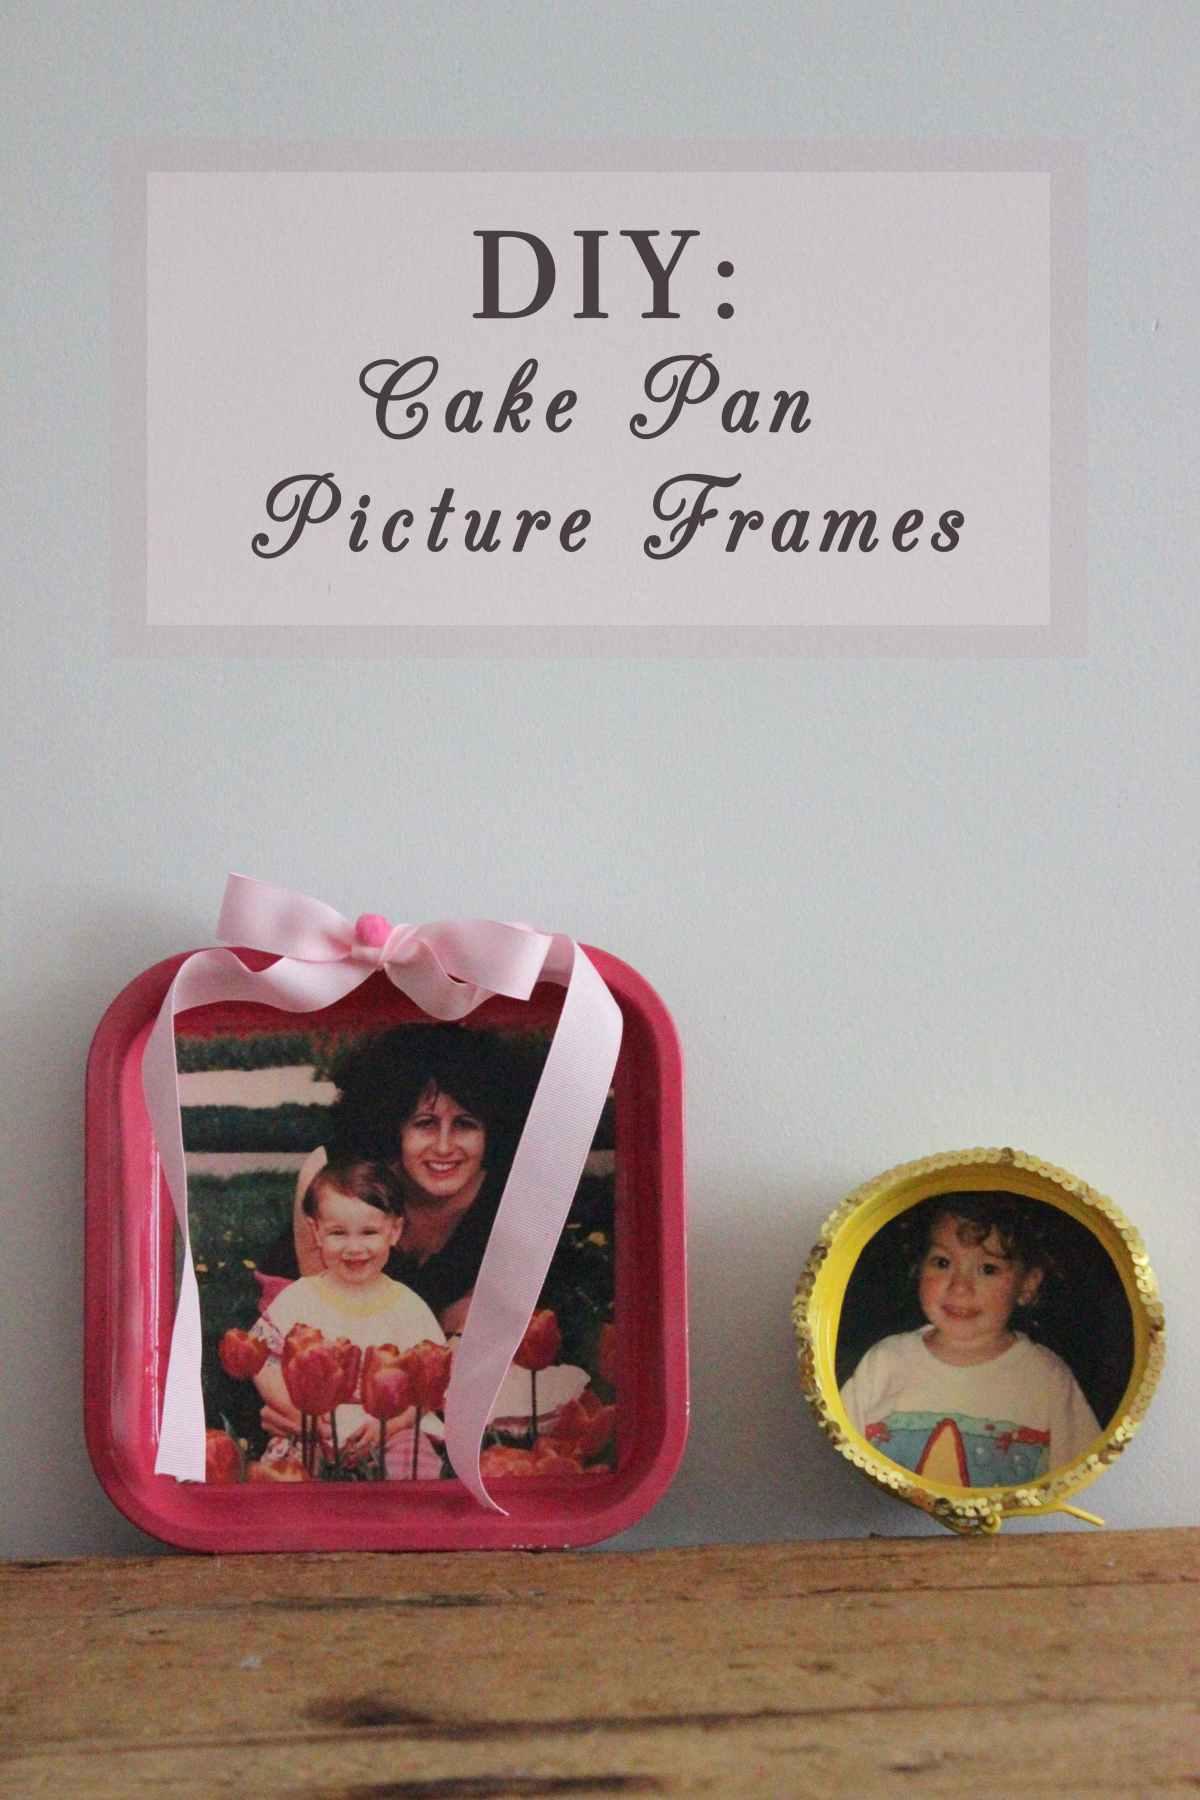 DIY Cake Pan Picture Frame